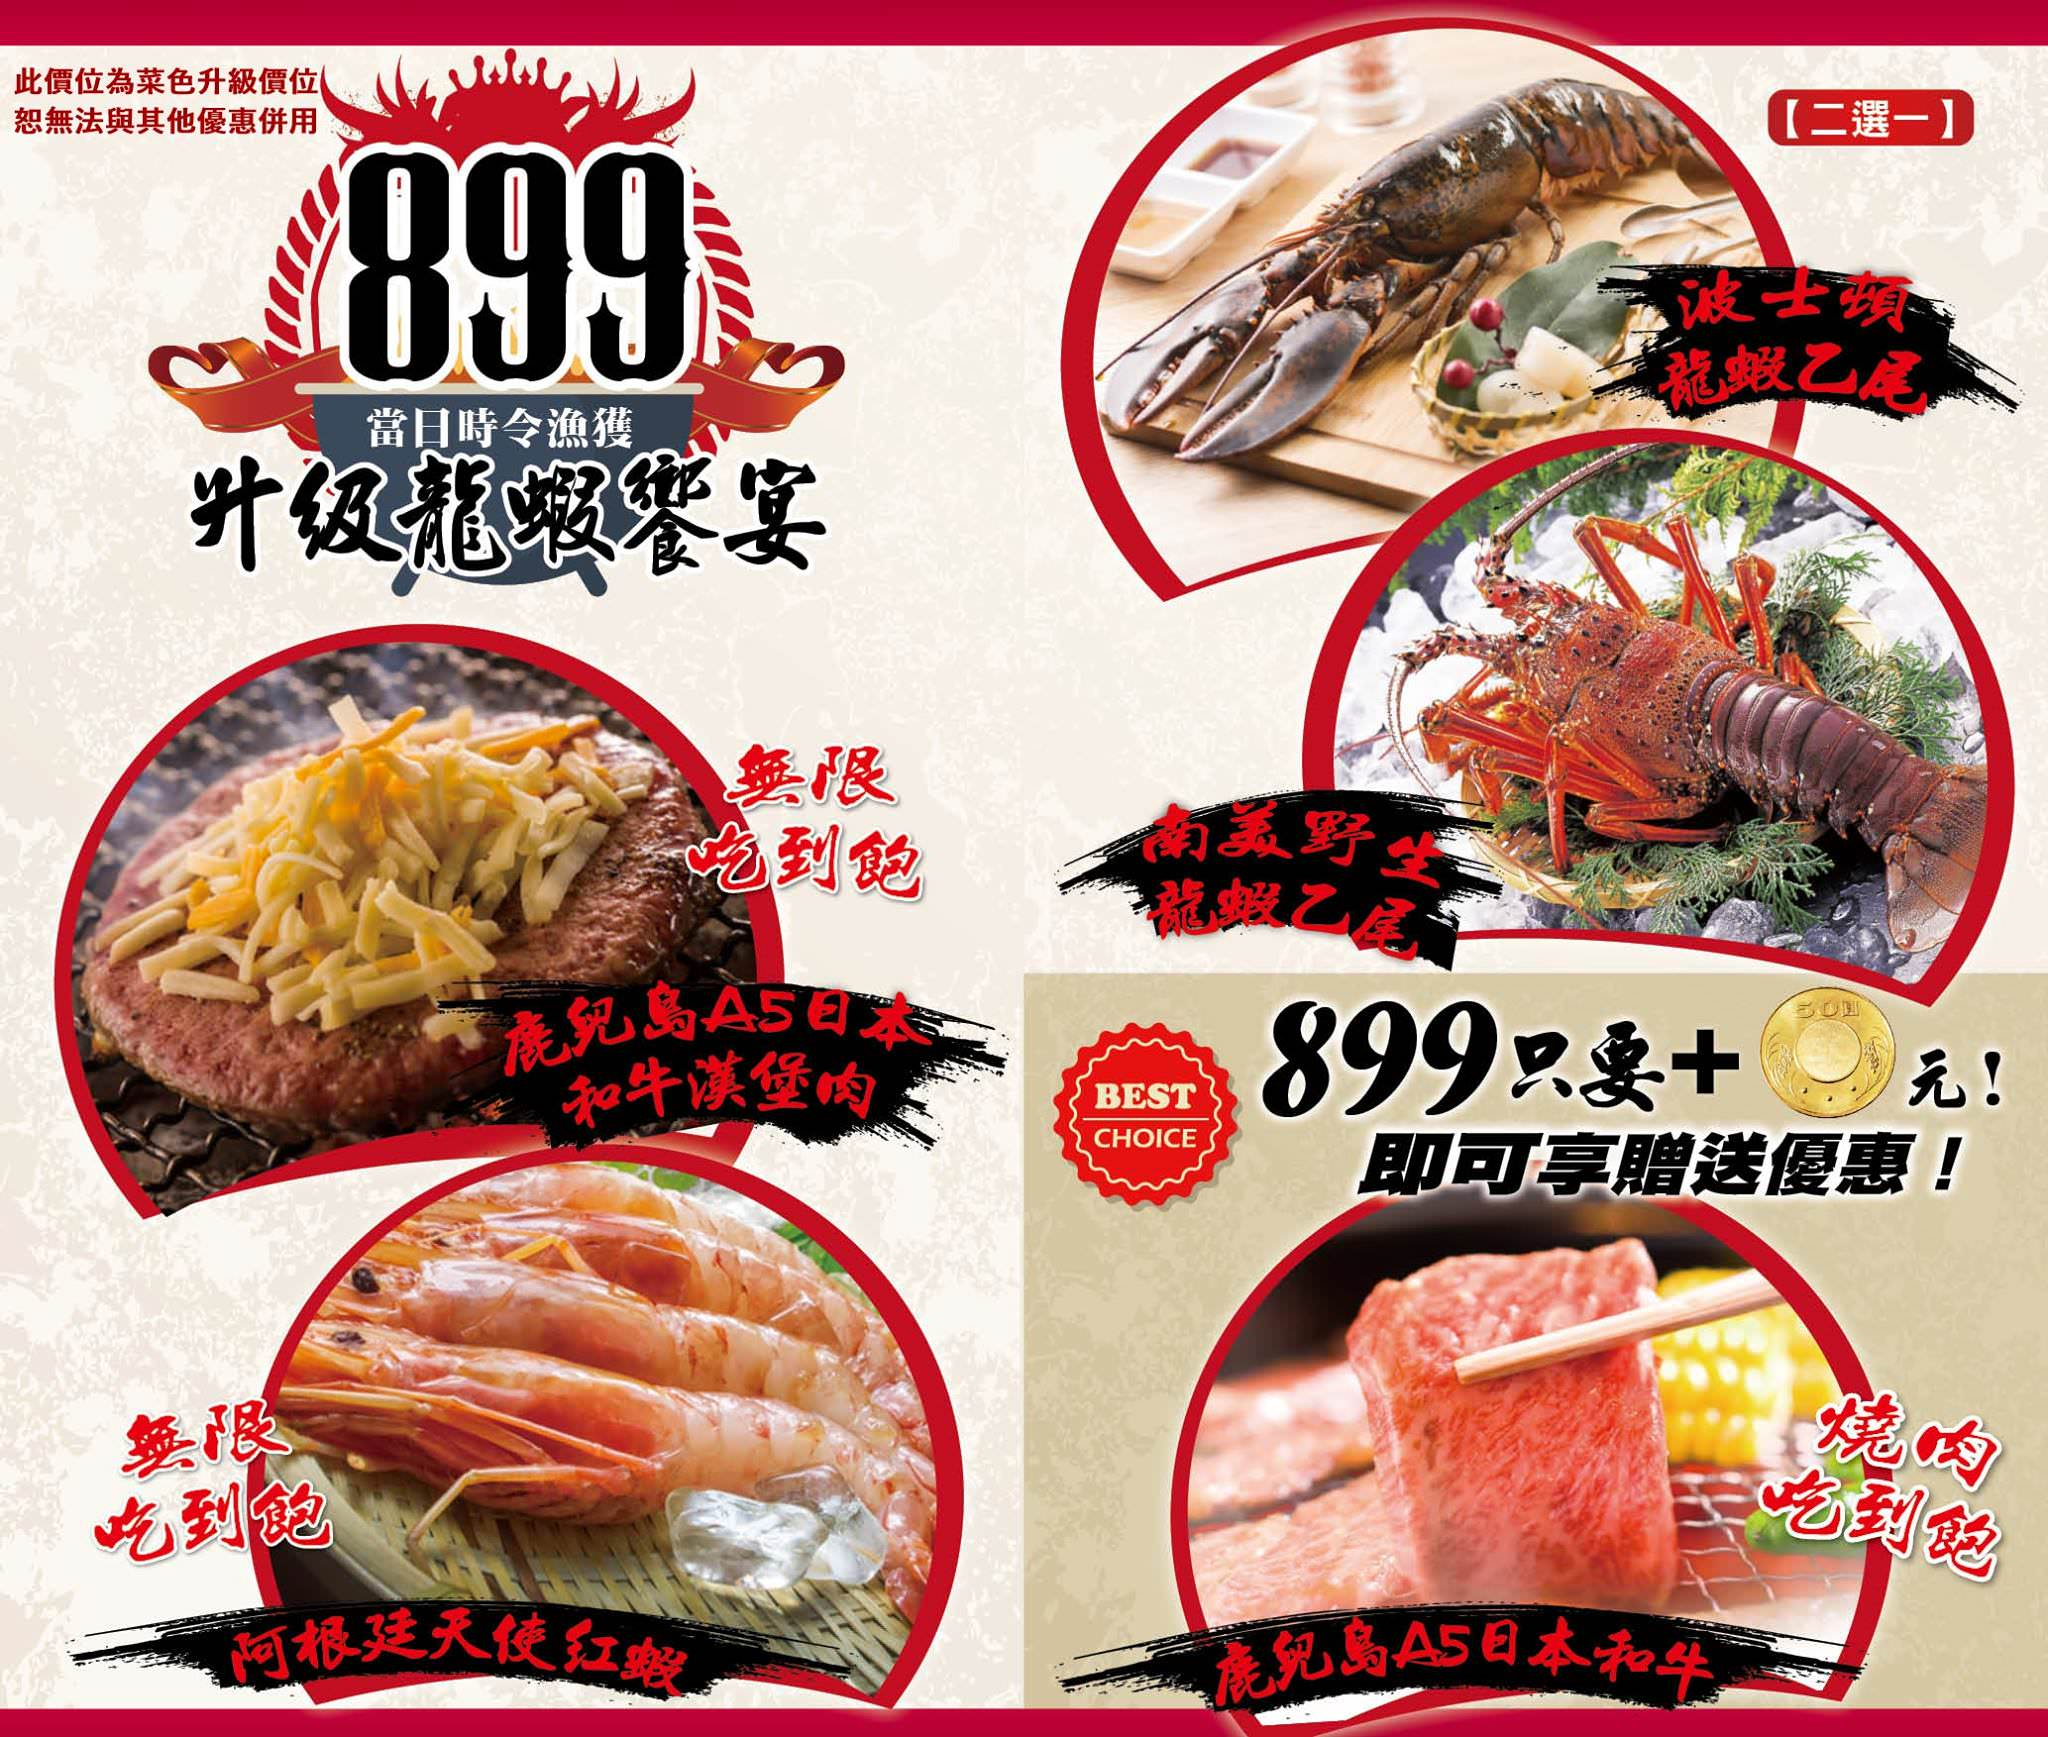 20181027225738 80 - 熱血採訪[樹林美食]燒肉眾-精緻炭火燒肉 海鮮燒肉吃到飽 還有超巨大龍蝦大軍 優質桌邊烤肉服務 最幸福的吃燒肉時光